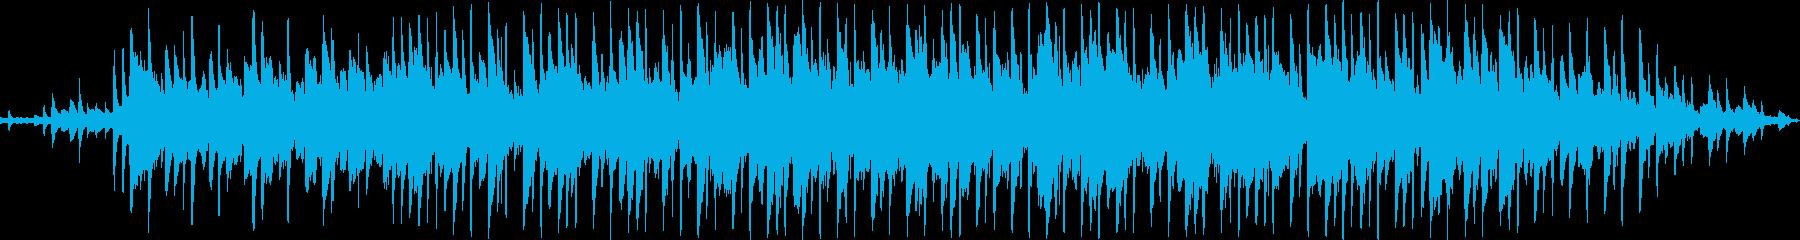 夏の涼しさのある可愛いエレクトロニカの再生済みの波形